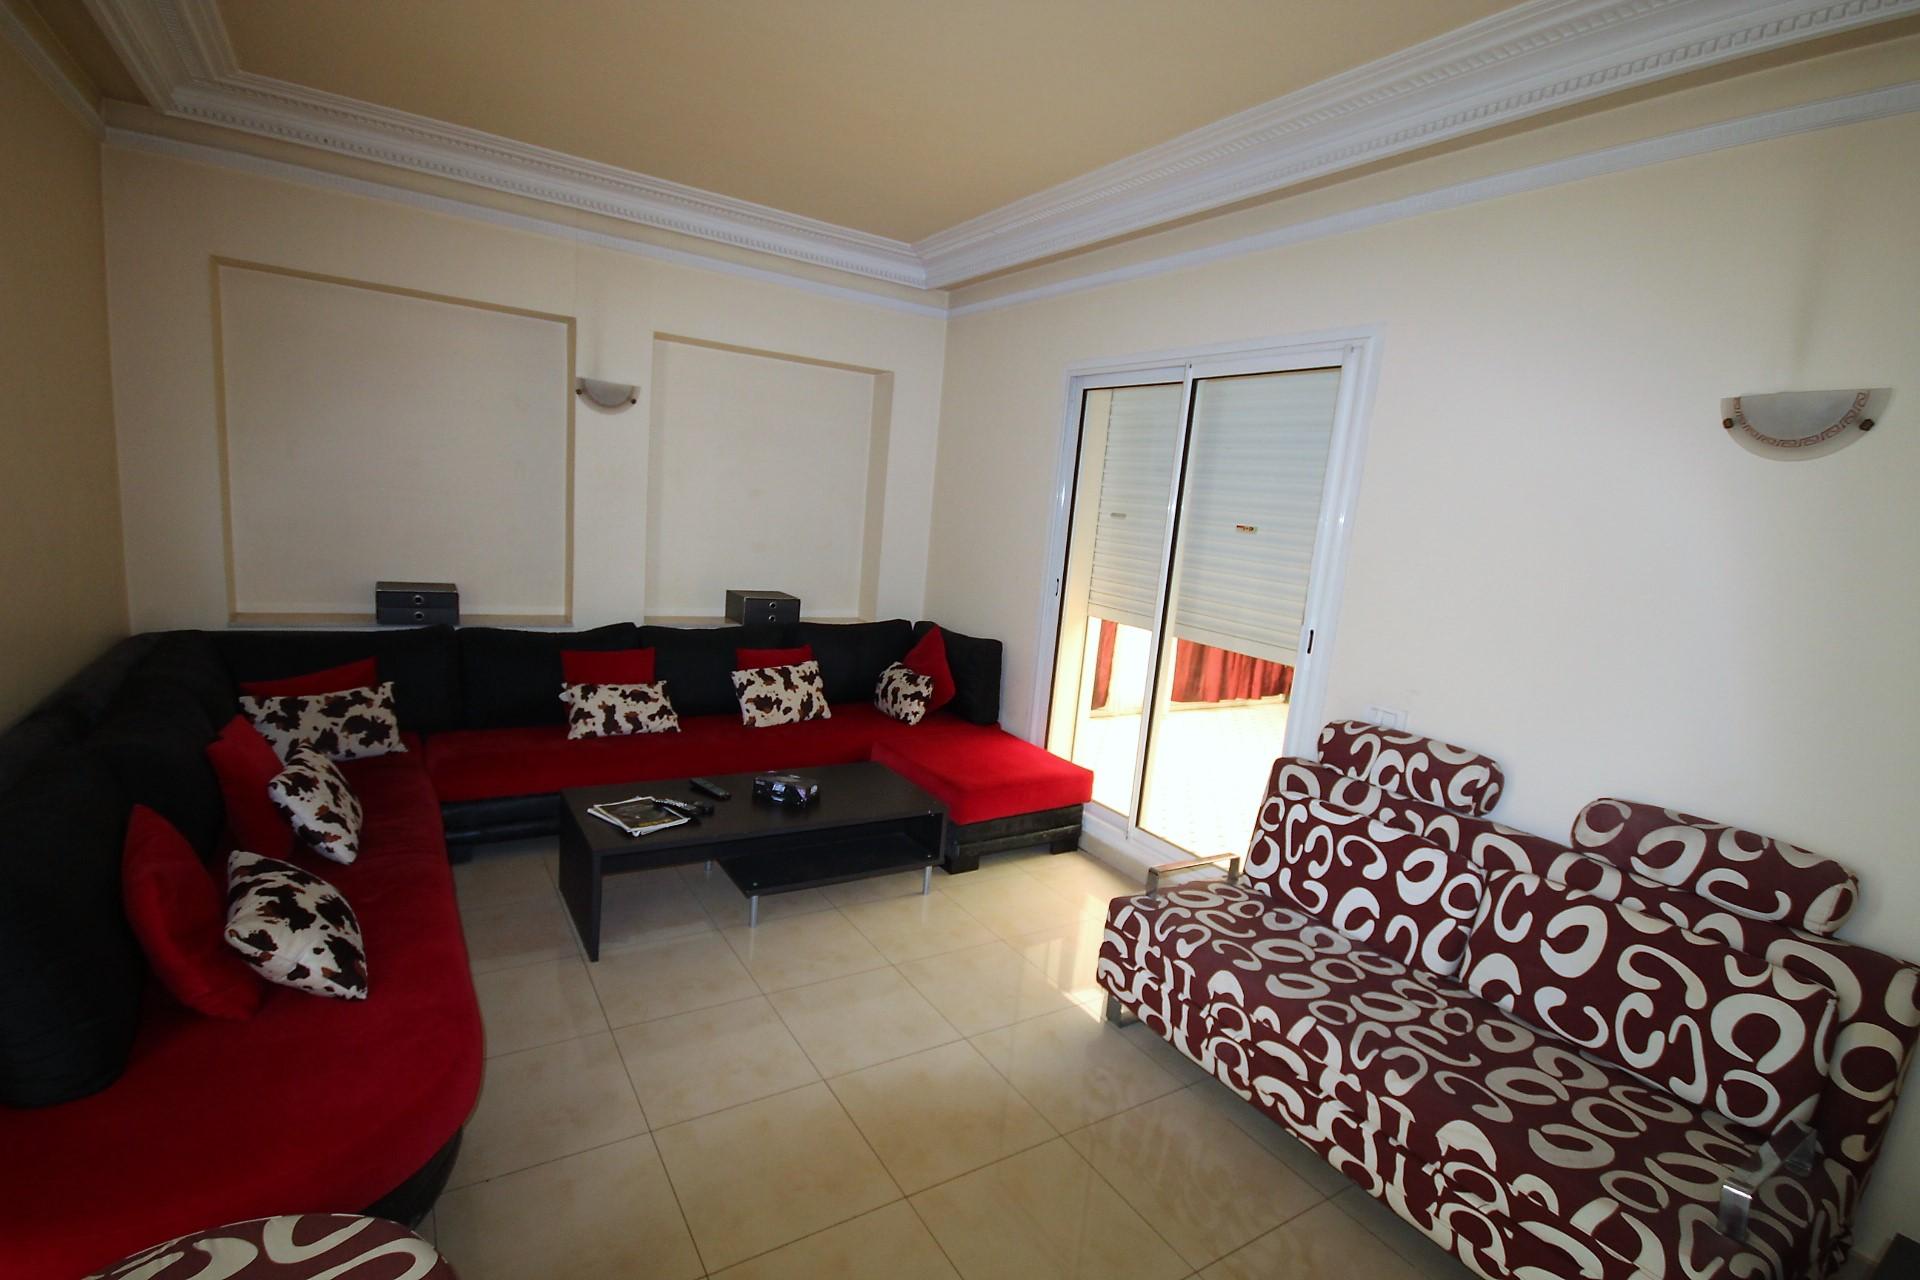 Gauthier, à louer agréable appartement meublé et équipé avec très grande terrasse dans immeuble bourgeois